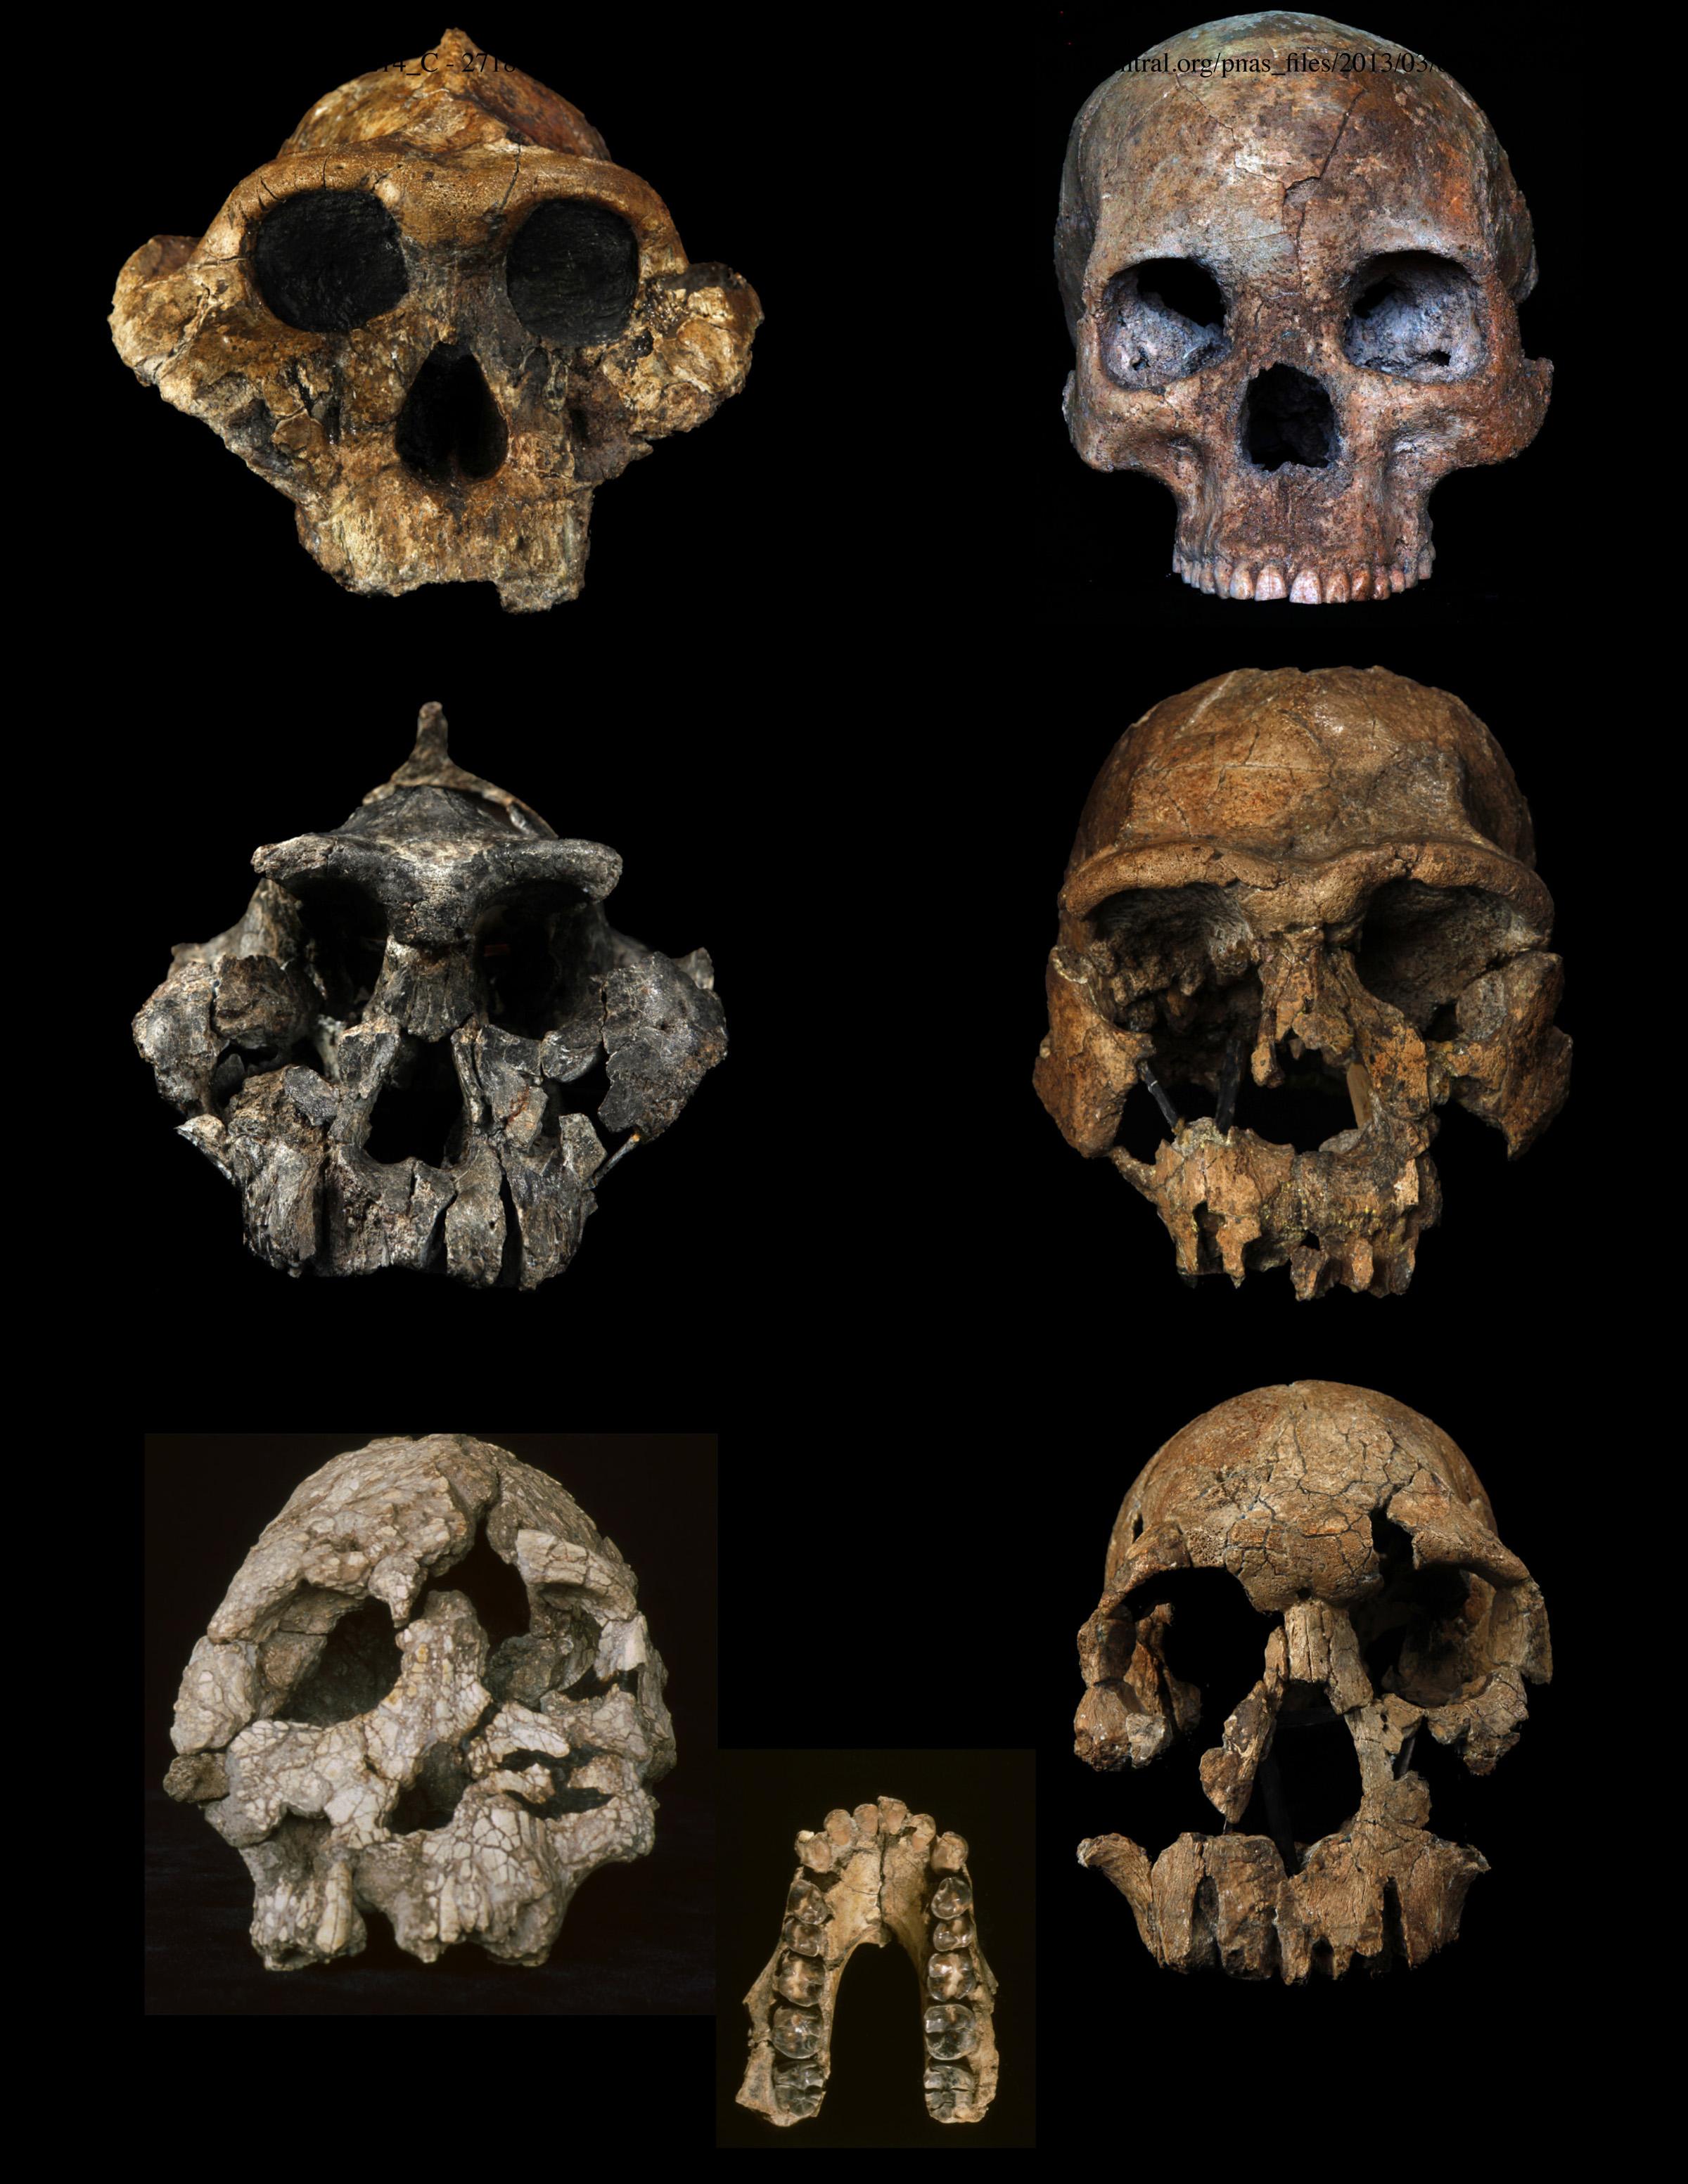 Schedels van enkele onderzochte mensachtigen. Van linksboven naar linksonder: Paranthropus bosei (1,7 miljoen jaar), Paranthropus aethiopicus (1,3 miljoen jaar) en Kenyanthropus platyops (3,3 miljoen jaar). Van rechtsboven naar rechtsonder: Homo sapiens (10.000 jaar), Homo ergaster (1,6 miljoen jaar) en Homo rudolfensis (1,9 miljoen jaar). Midden: onderkaak van Australopithecus anamensis, (4 miljoen jaar). Bron: nationaal museum Kenya, Mike Hettwer en Yang Deming